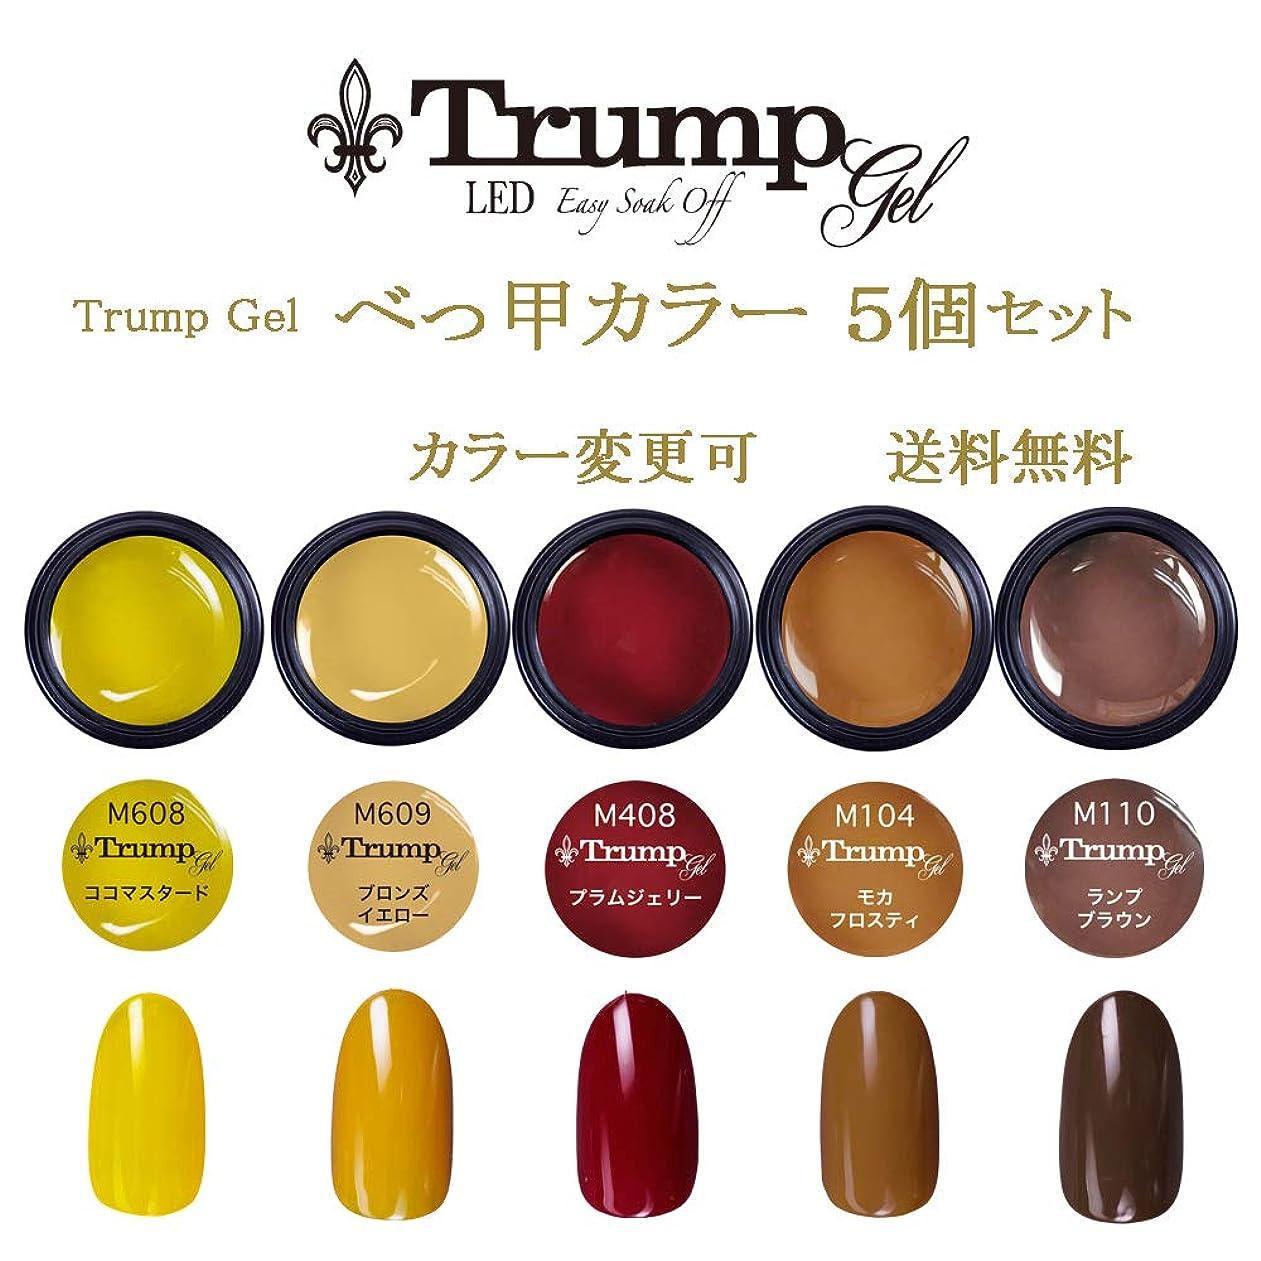 敵意健康フロント【送料無料】日本製 Trump gel トランプジェル べっ甲カラー ブラウン系 選べる カラージェル 5個セット べっ甲ネイル ベージュ ブラウン マスタード カラー